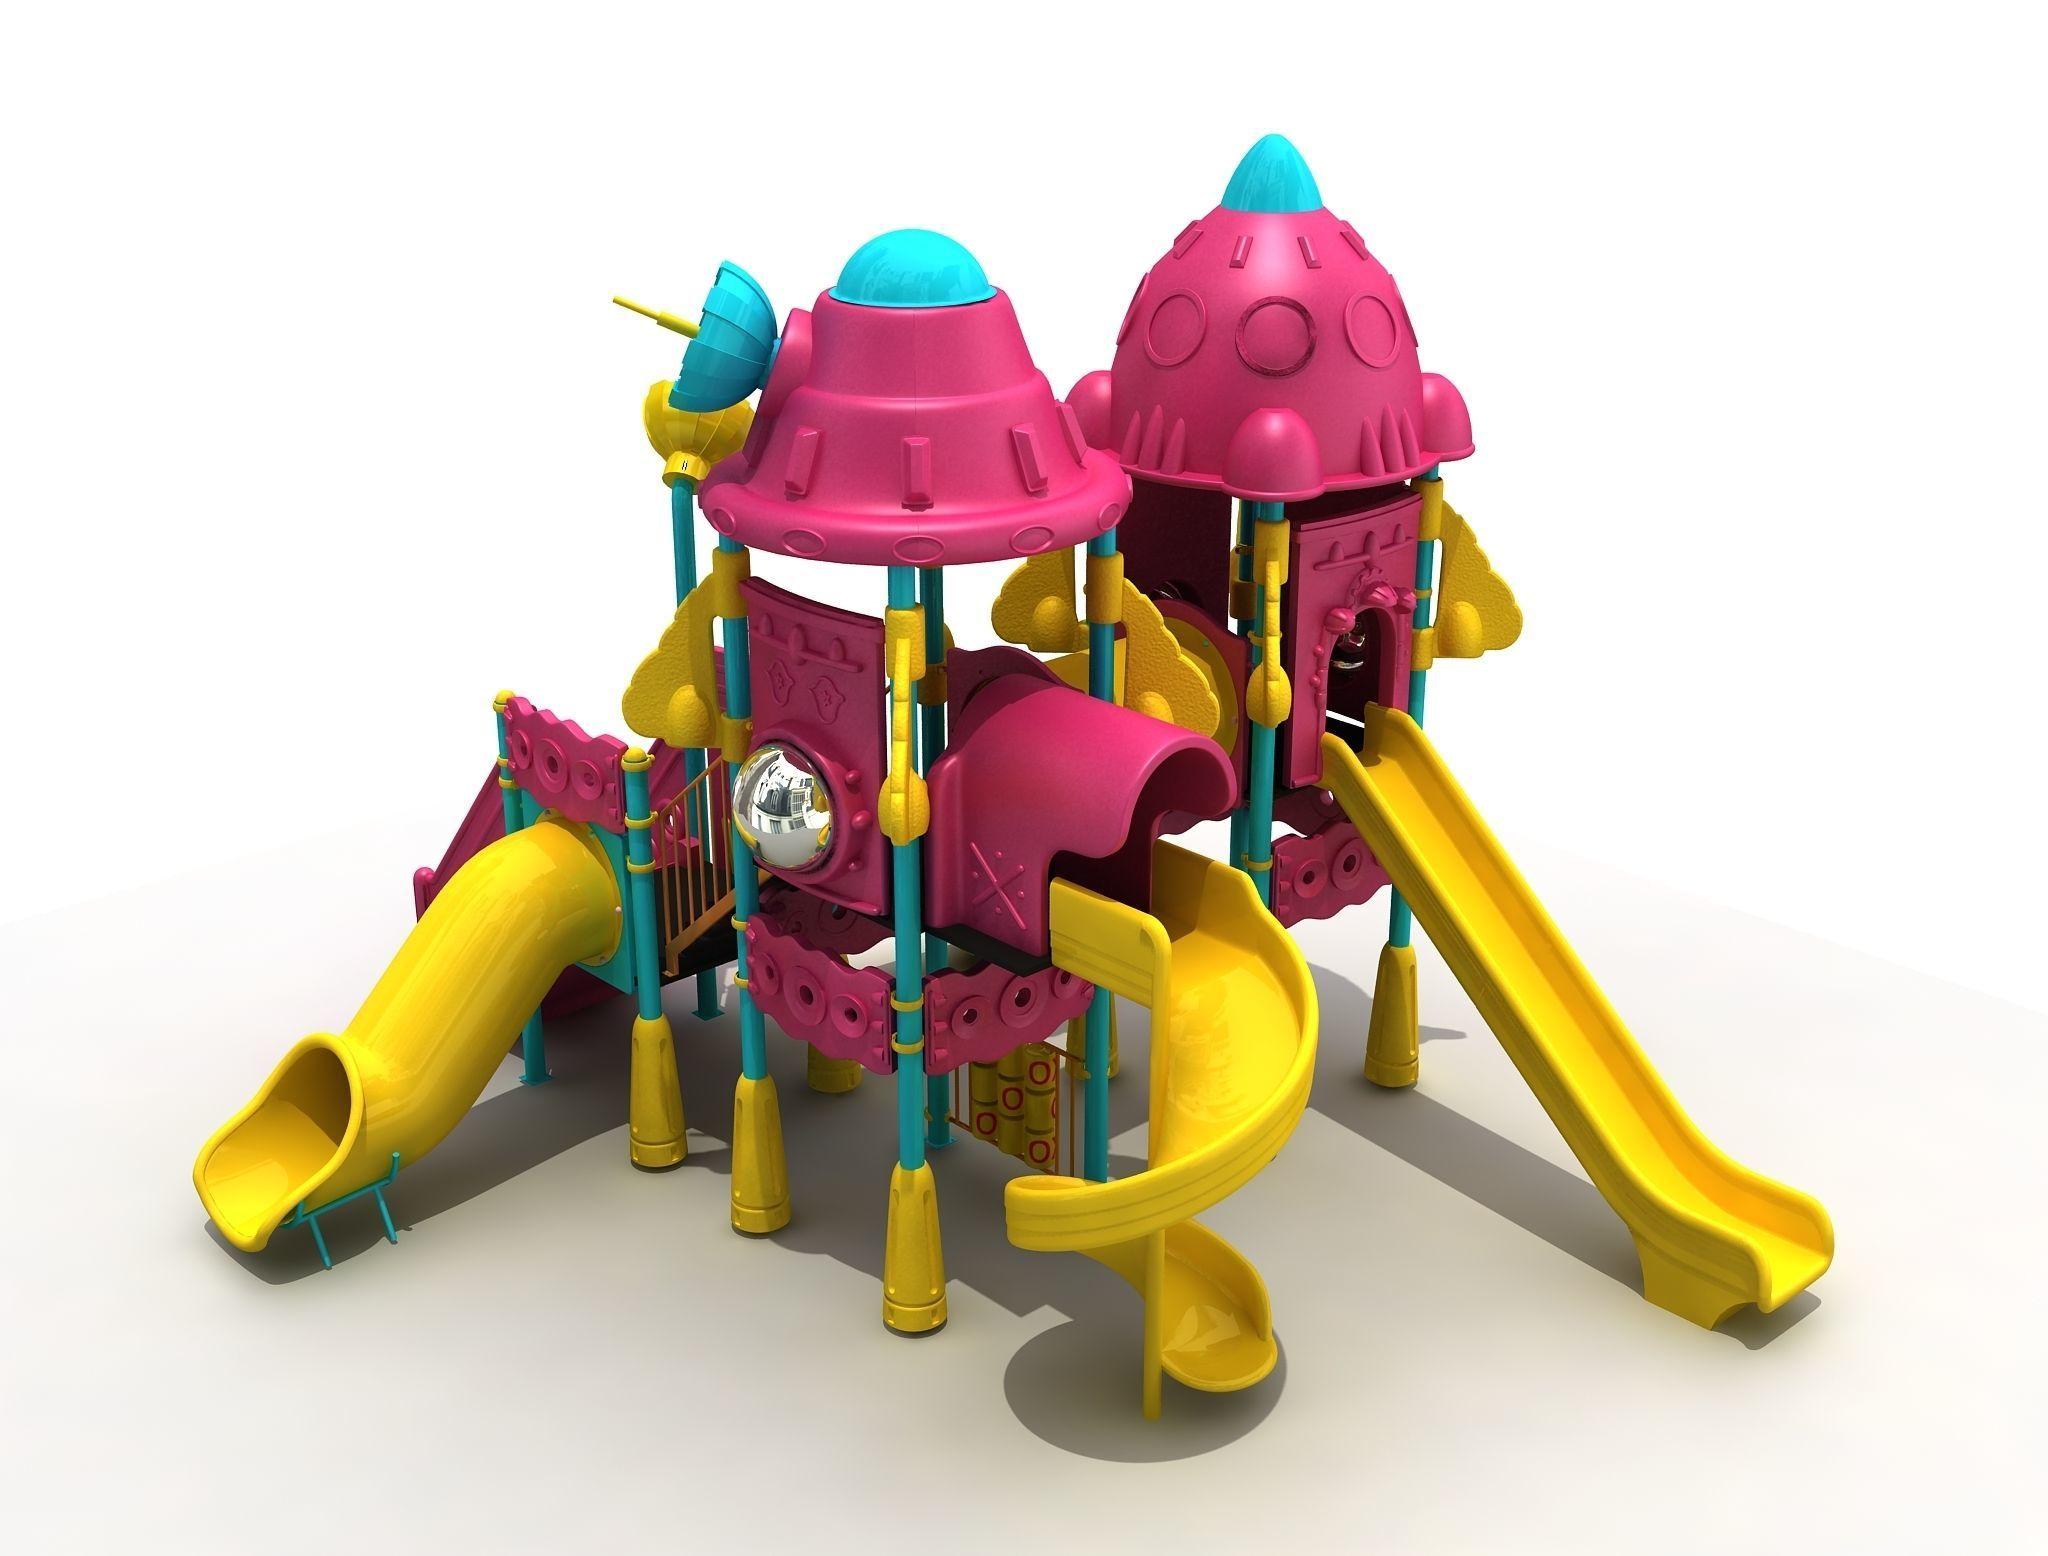 Space Shuttle Kid Playground 58